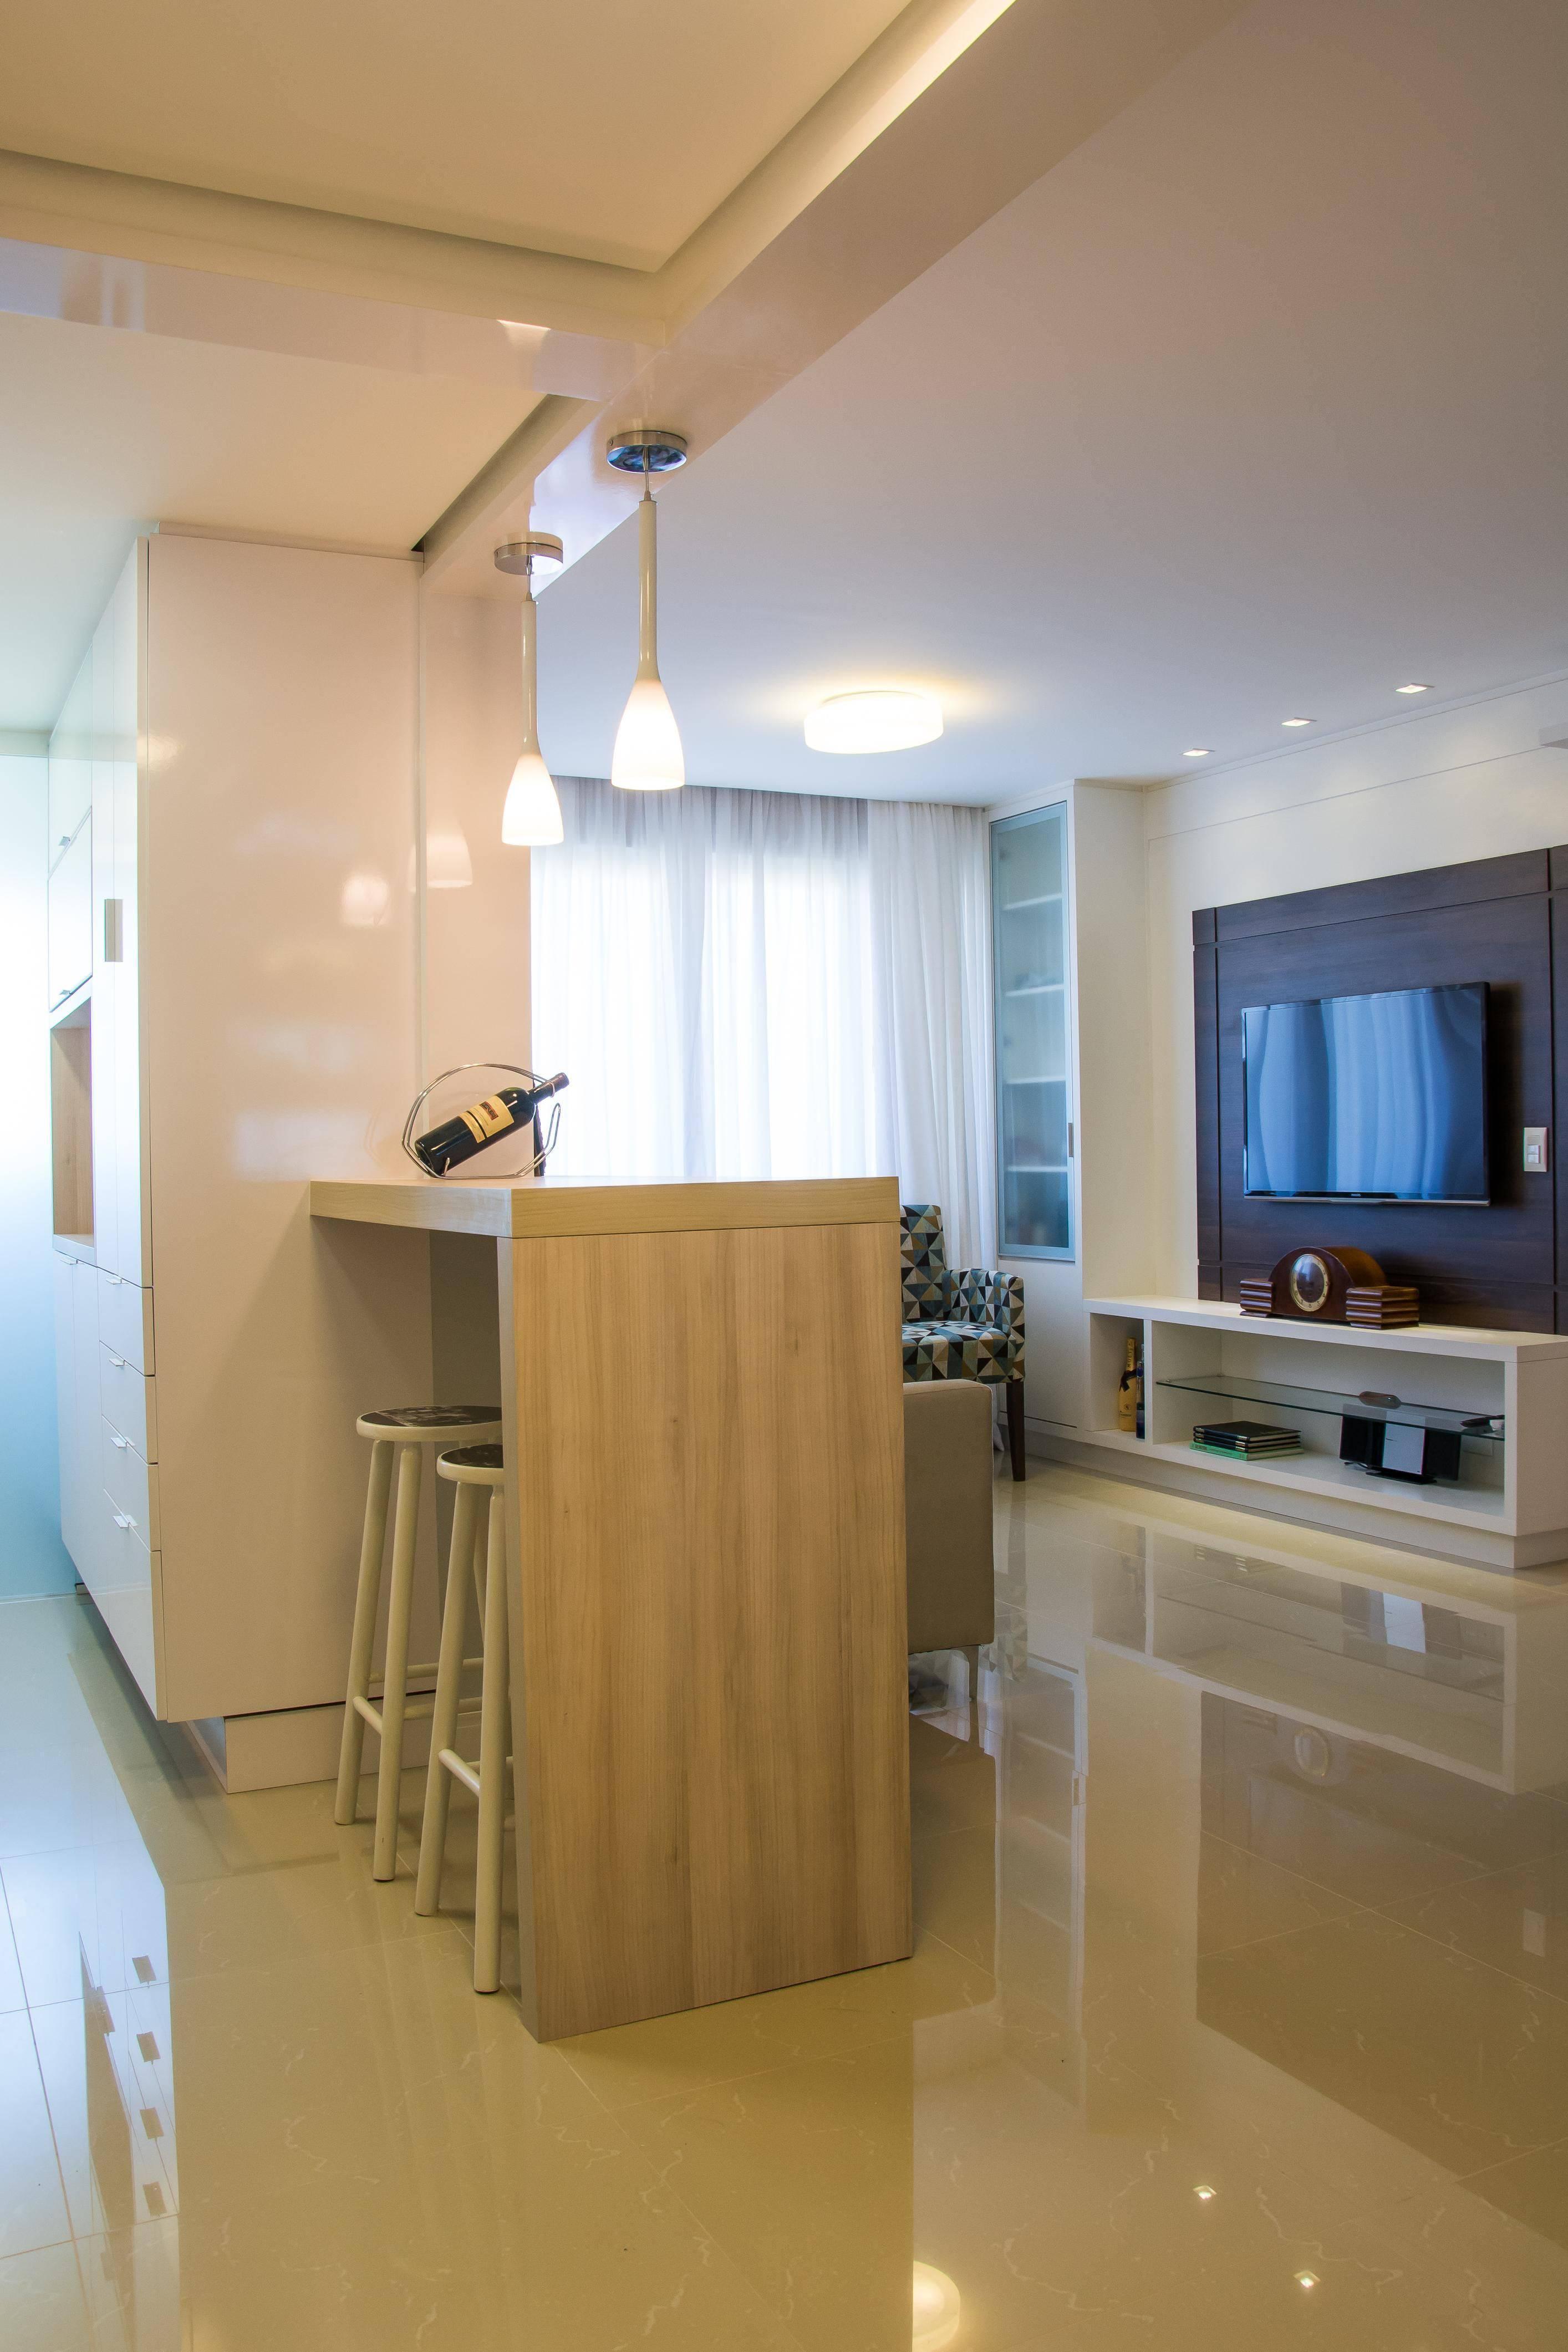 Cozinha americana simples otimizando o espaço #8D6D3E 2828 4242